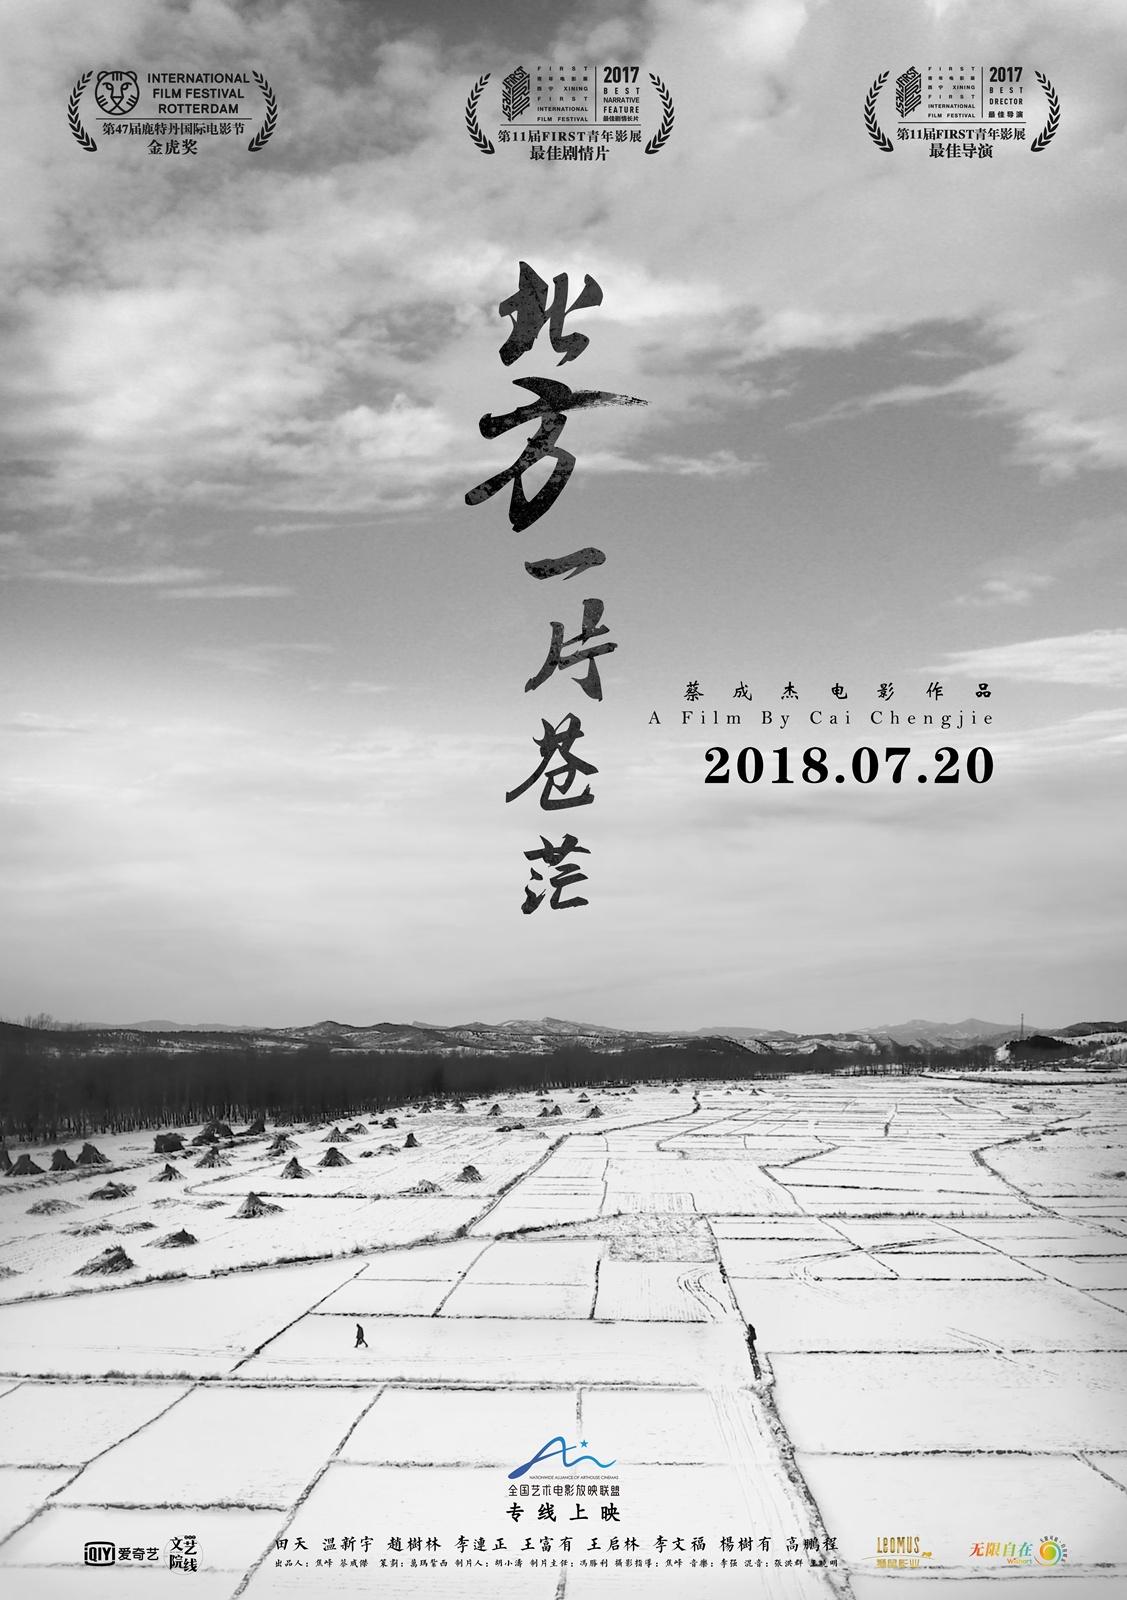 《北方一片苍茫》定档7.20 打造荒诞艺术片新类型